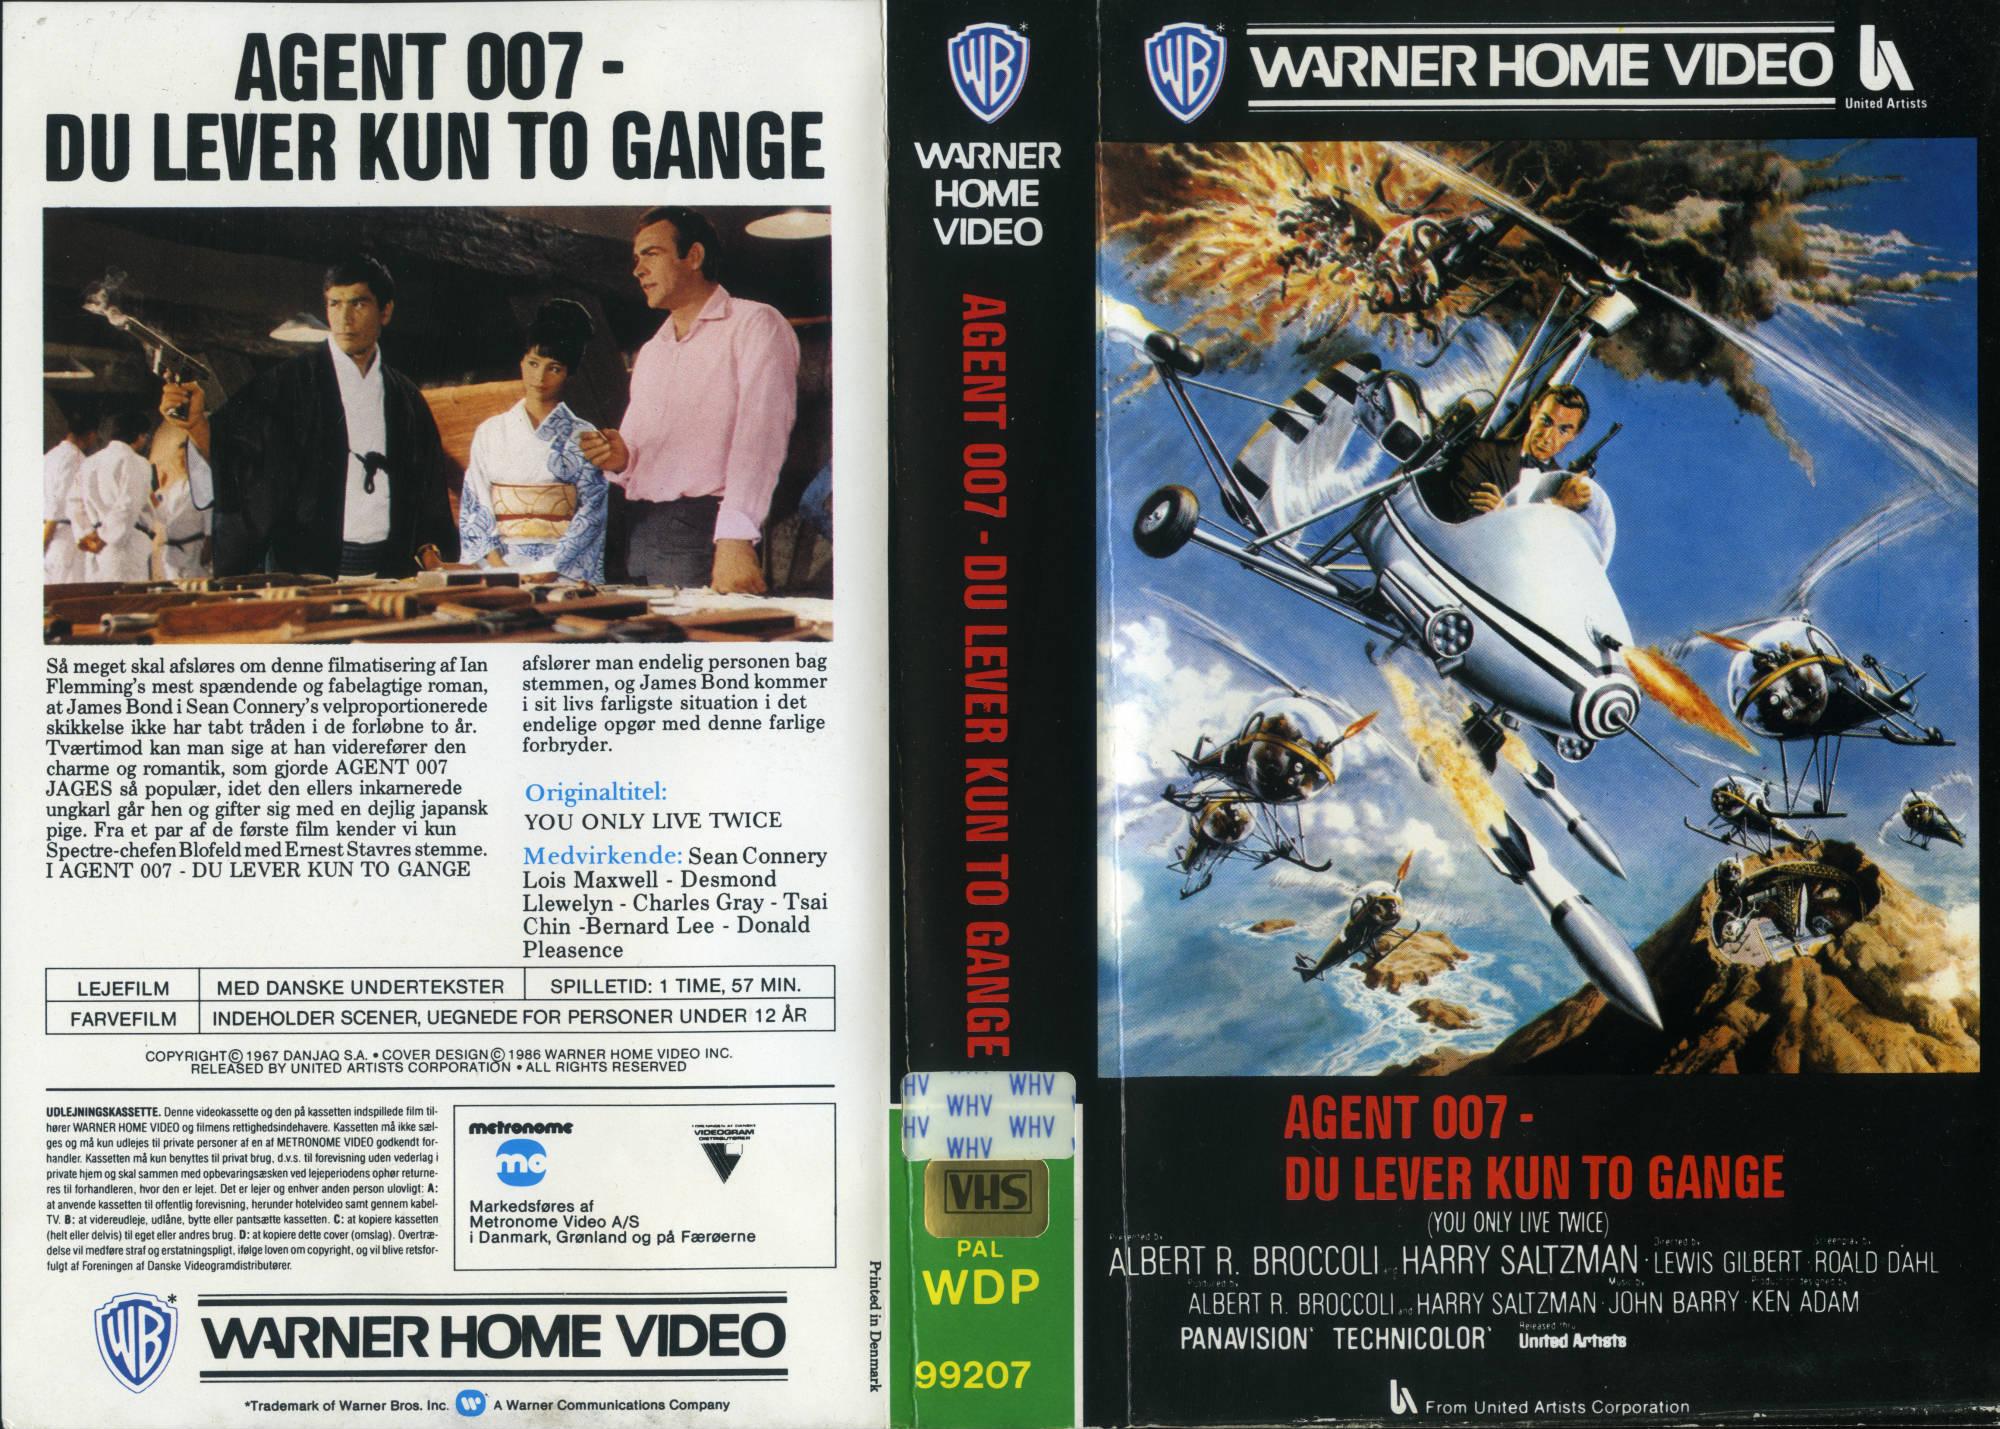 YOLT DK VHS-omslag 1986